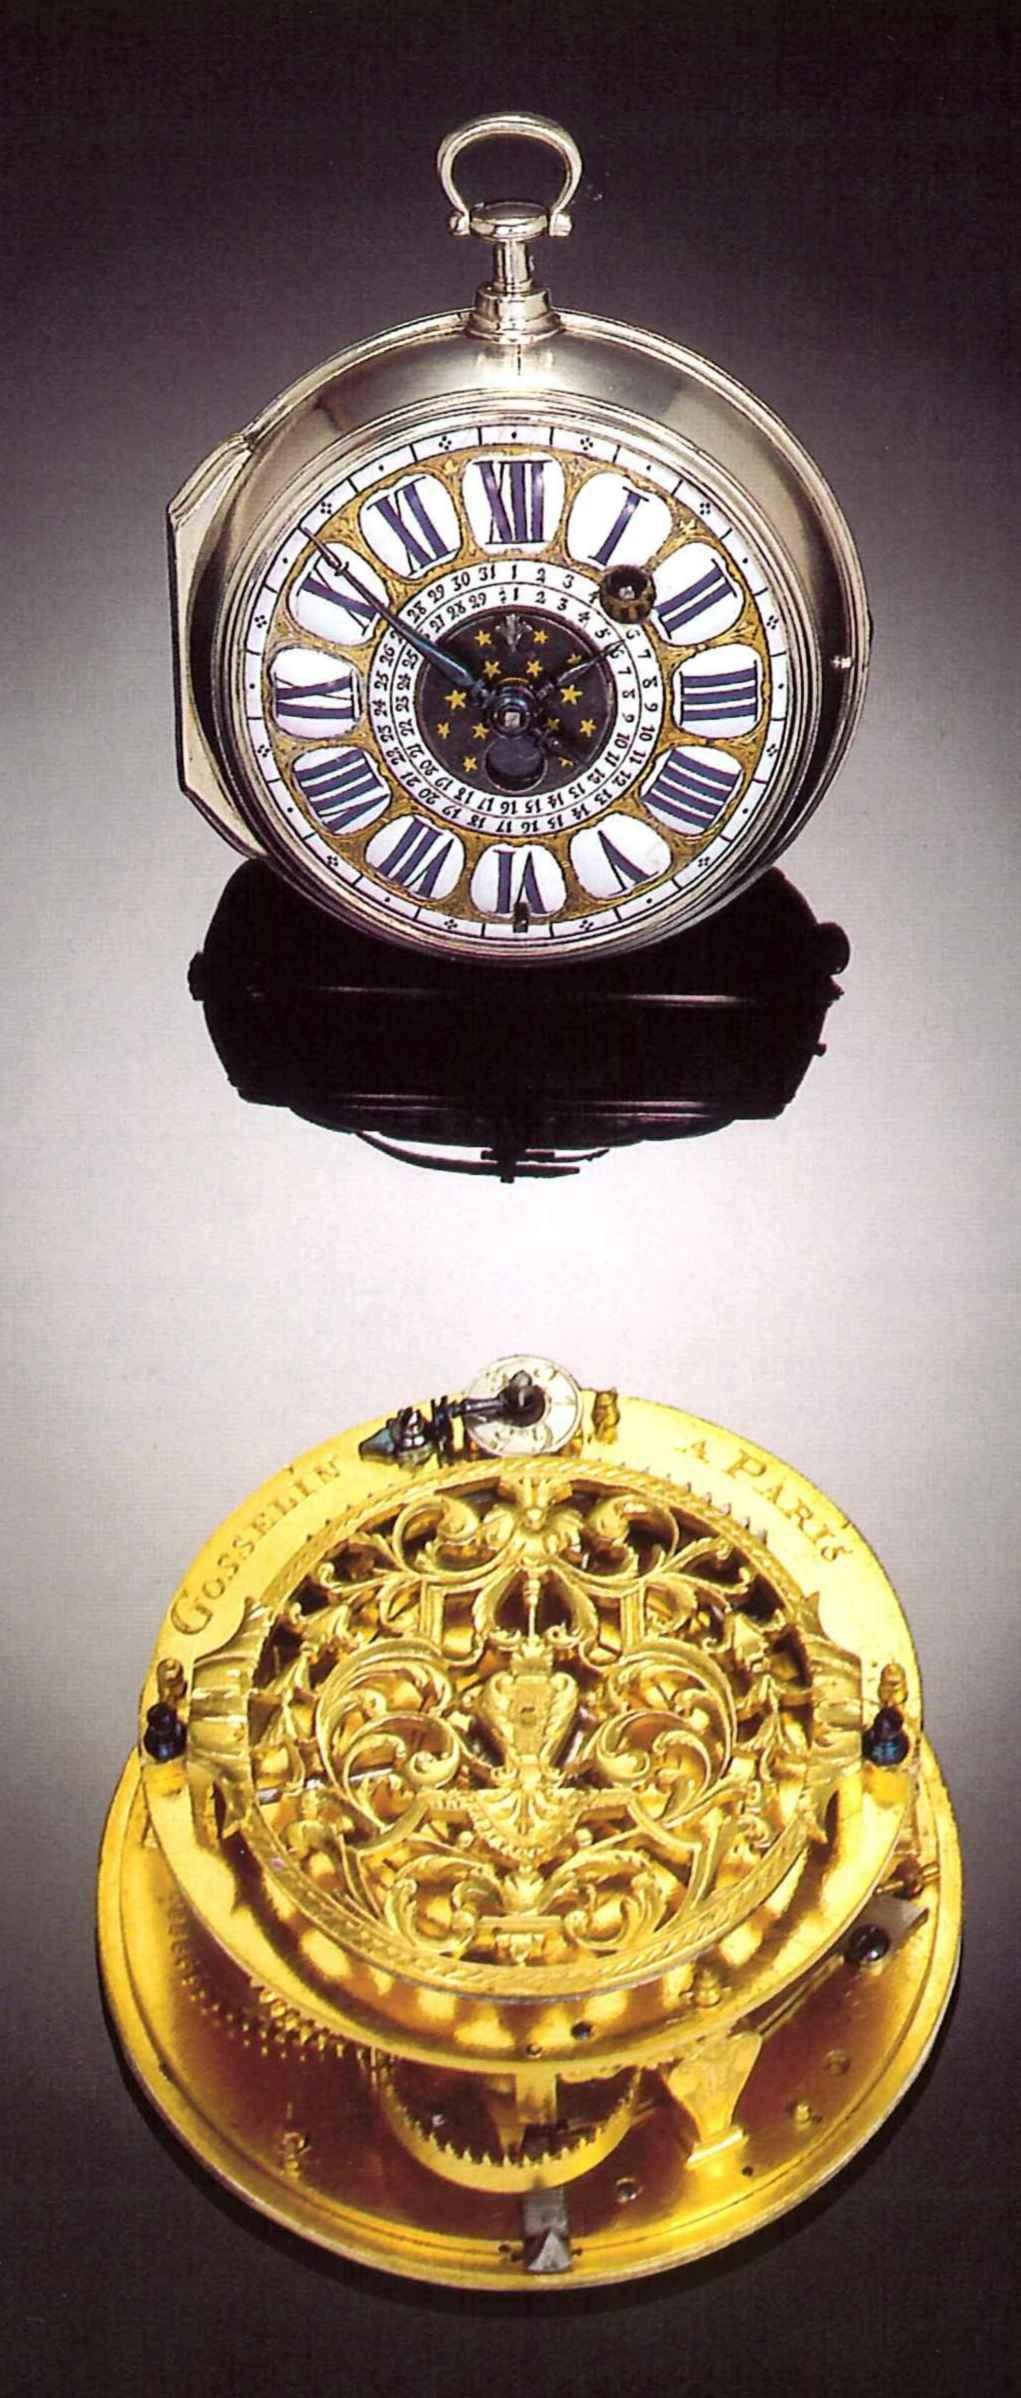 Gosselin À Paris, Circa 1710. Very Rare, Silver Moon Phase in Lunar Calendar For Cockfighting